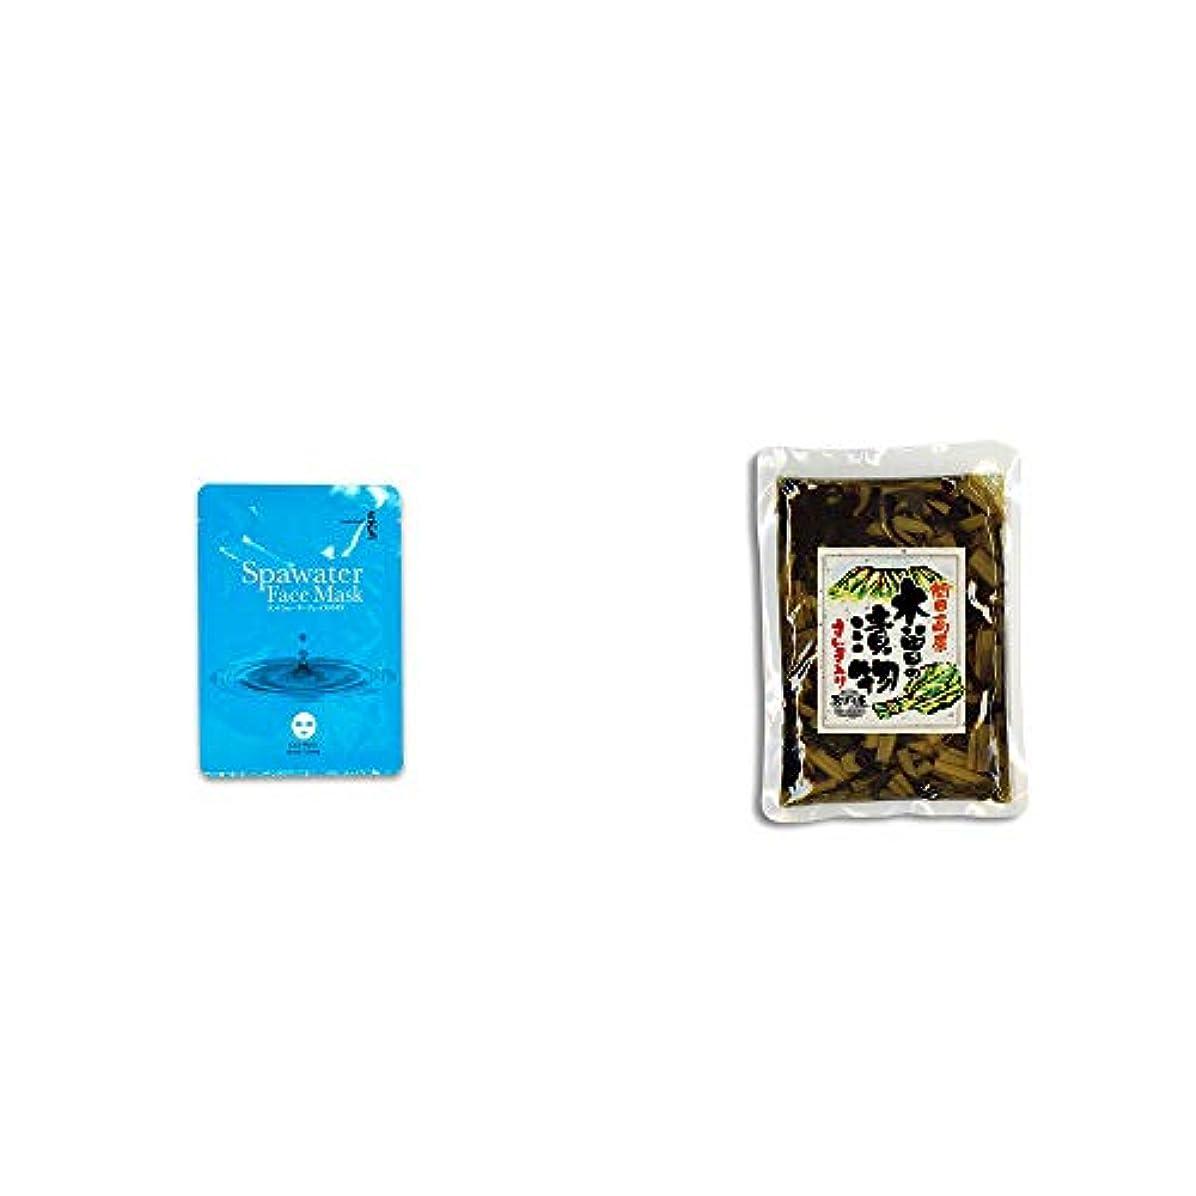 [2点セット] ひのき炭黒泉 スパウォーターフェイスマスク(18ml×3枚入)?【年中販売】木曽の漬物 すんき入り(200g) / すんき漬け味付加工品 //